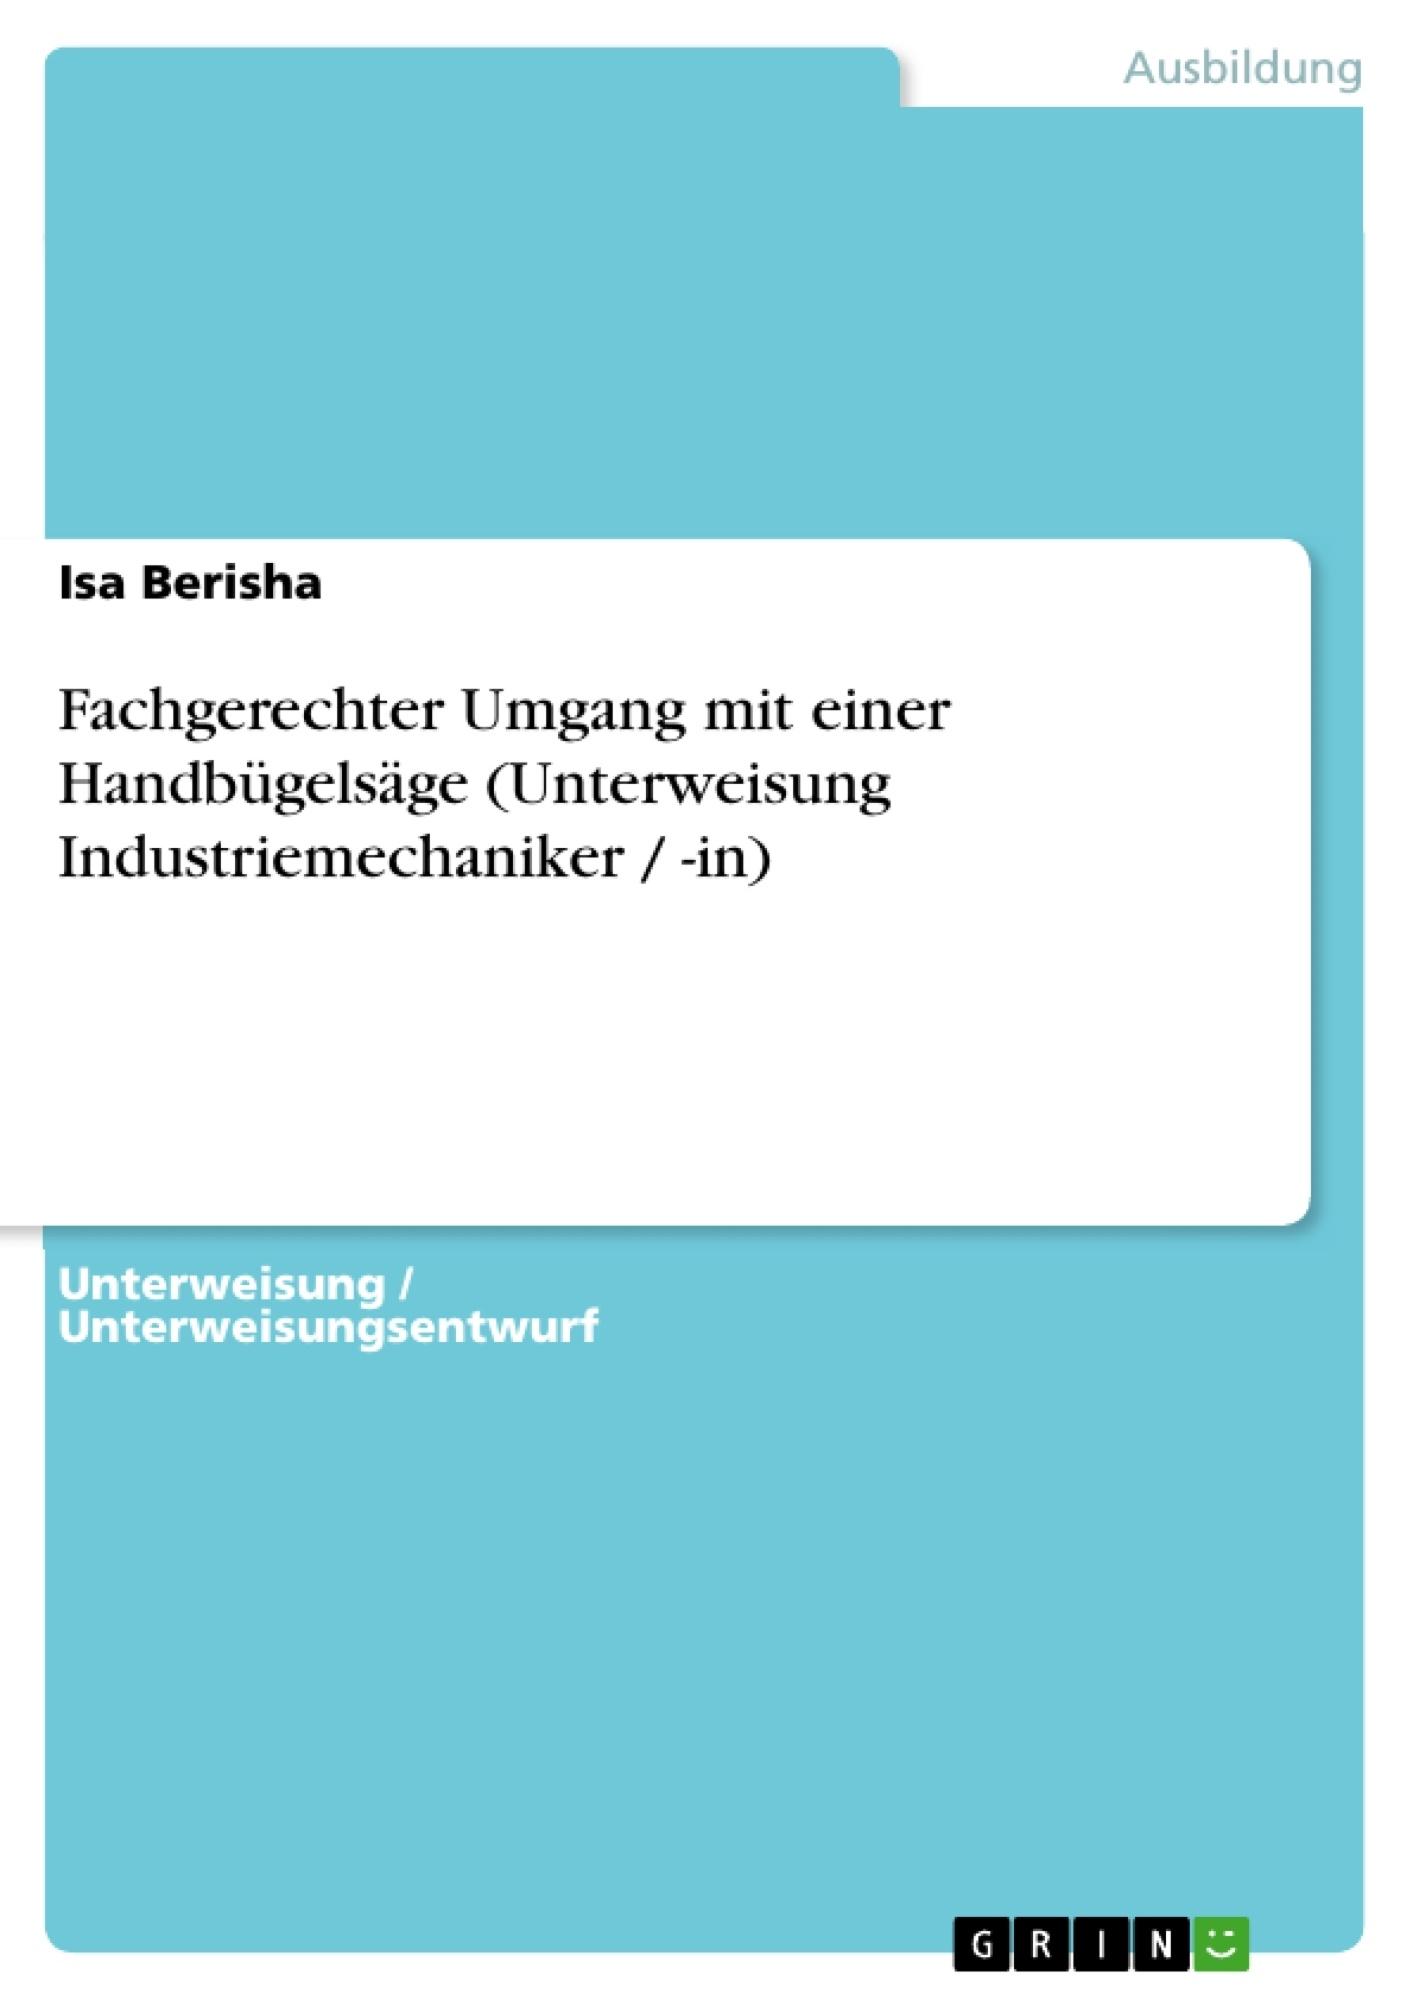 Titel: Fachgerechter Umgang mit einer Handbügelsäge (Unterweisung Industriemechaniker / -in)